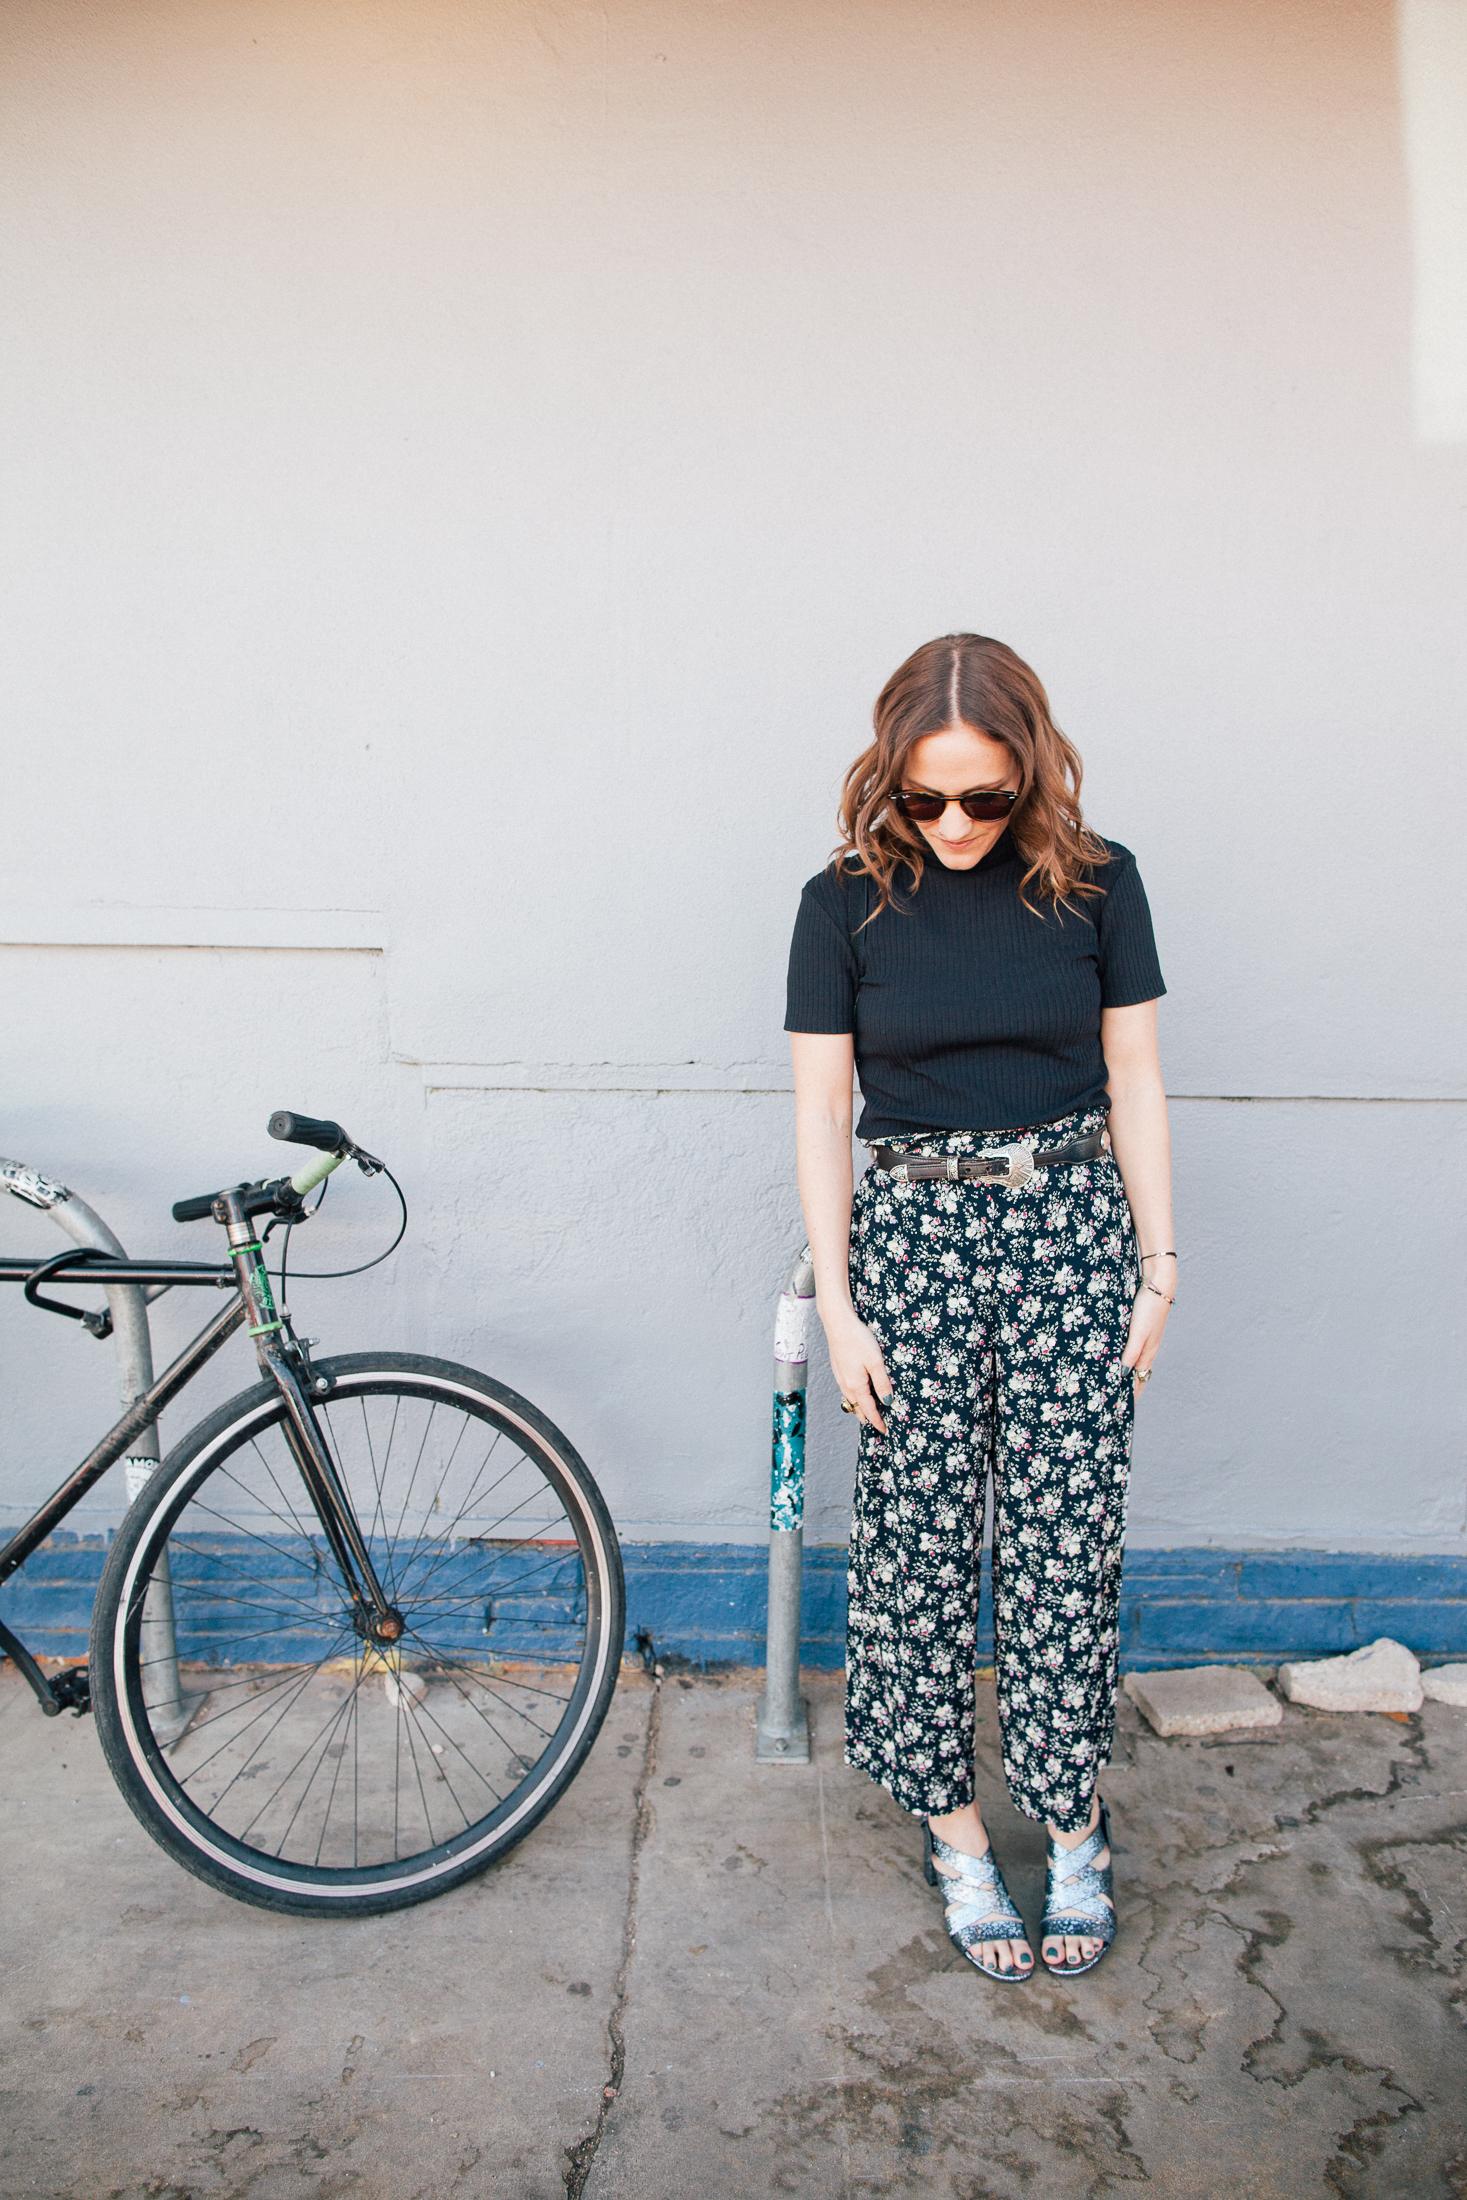 Girl_Bike_3